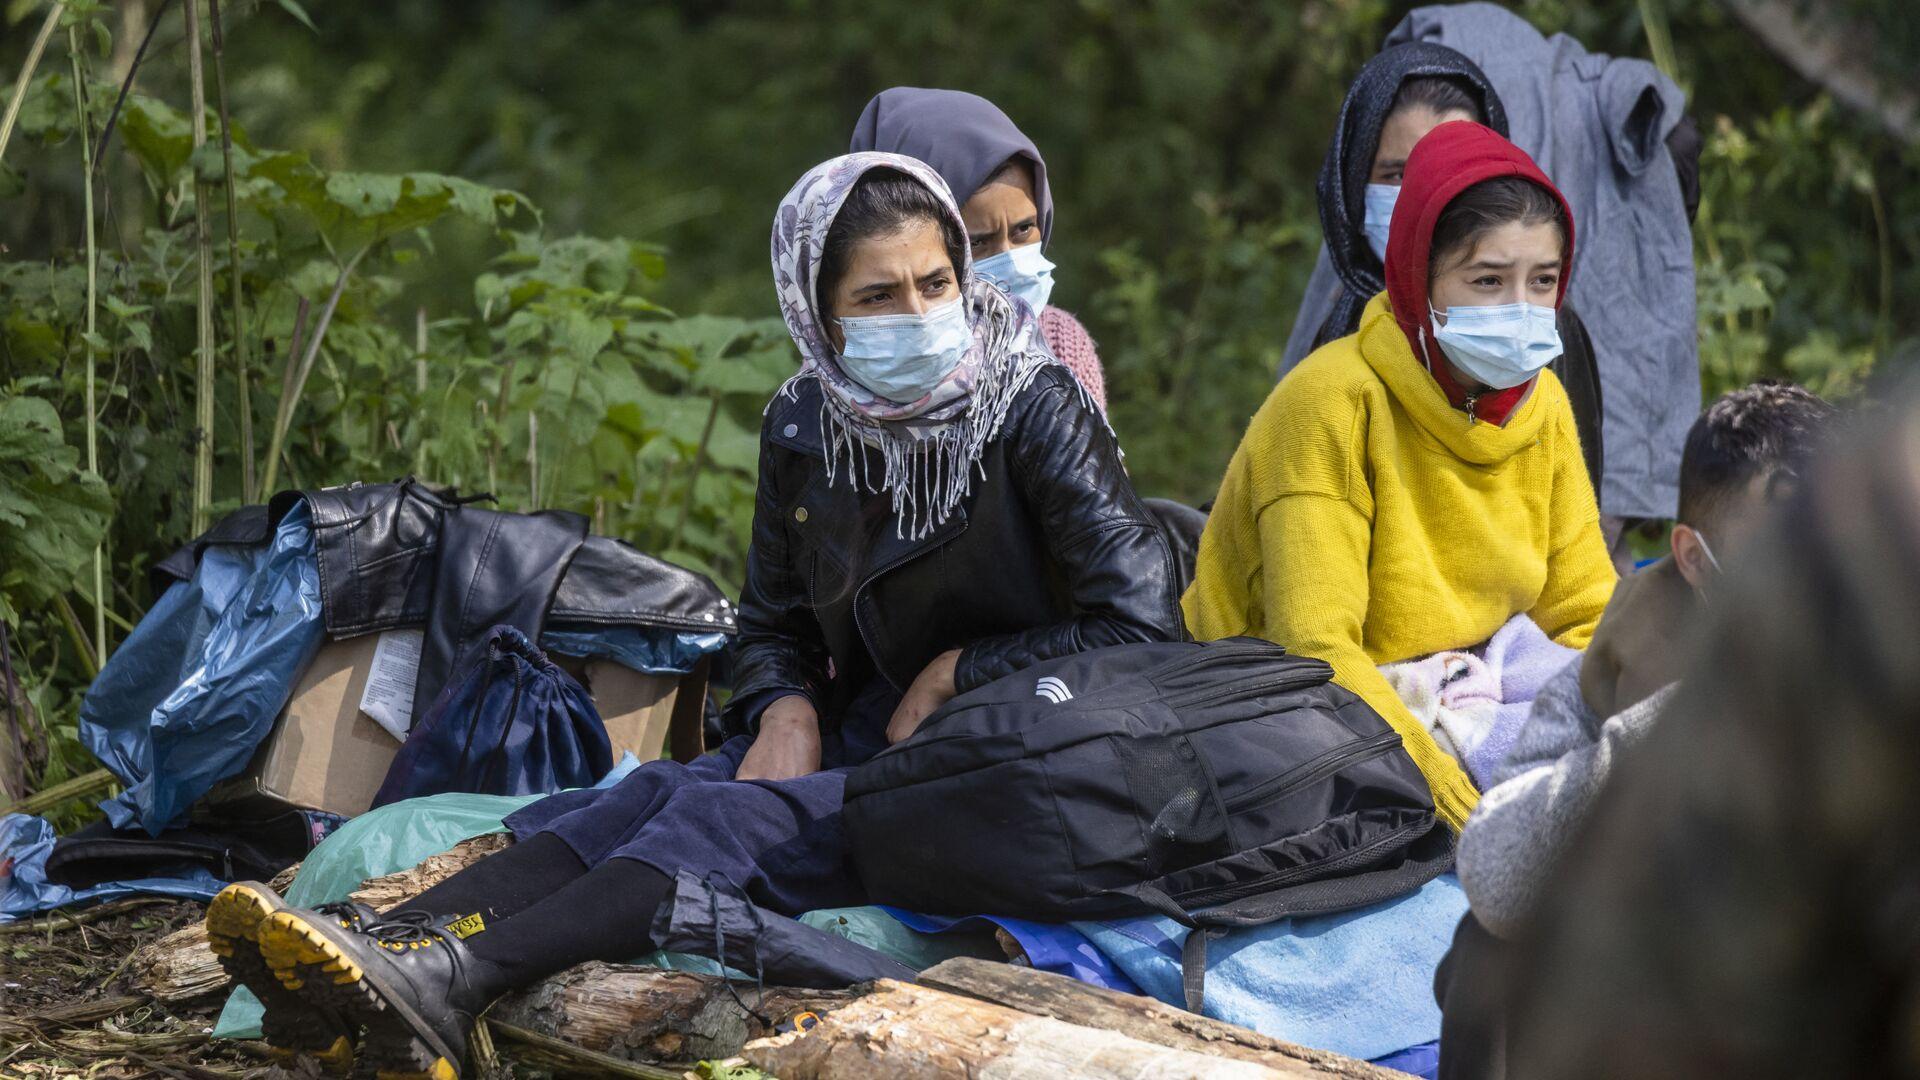 Мигранты в импровизированном лагере на границе Белоруссии и Польши - Sputnik Polska, 1920, 07.09.2021